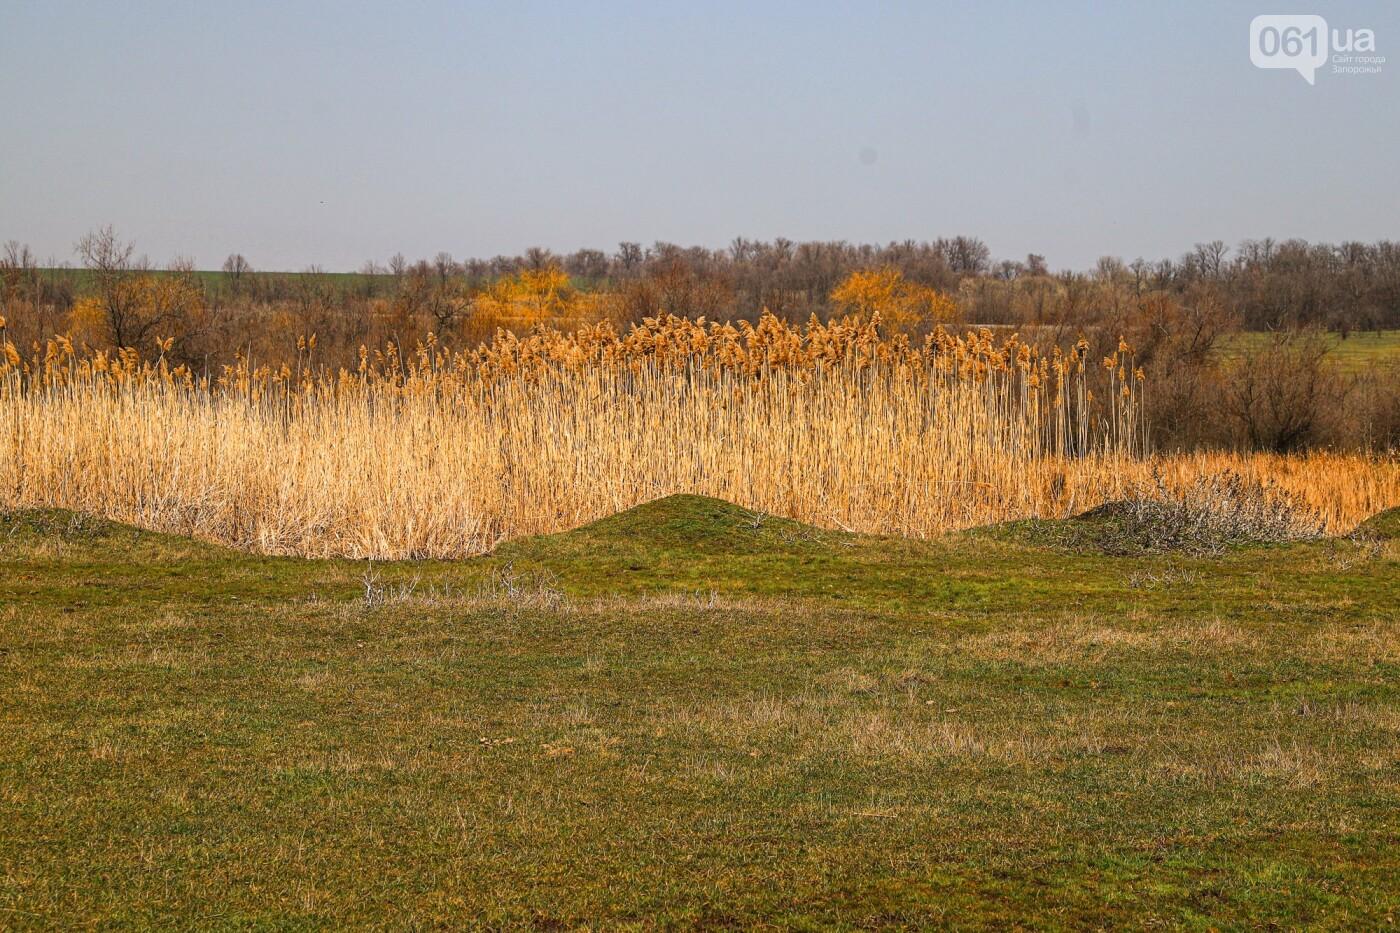 Цветущие крокусы и горы мусора: как сейчас выглядит балка Партизанская в Запорожье, - ФОТО, фото-22